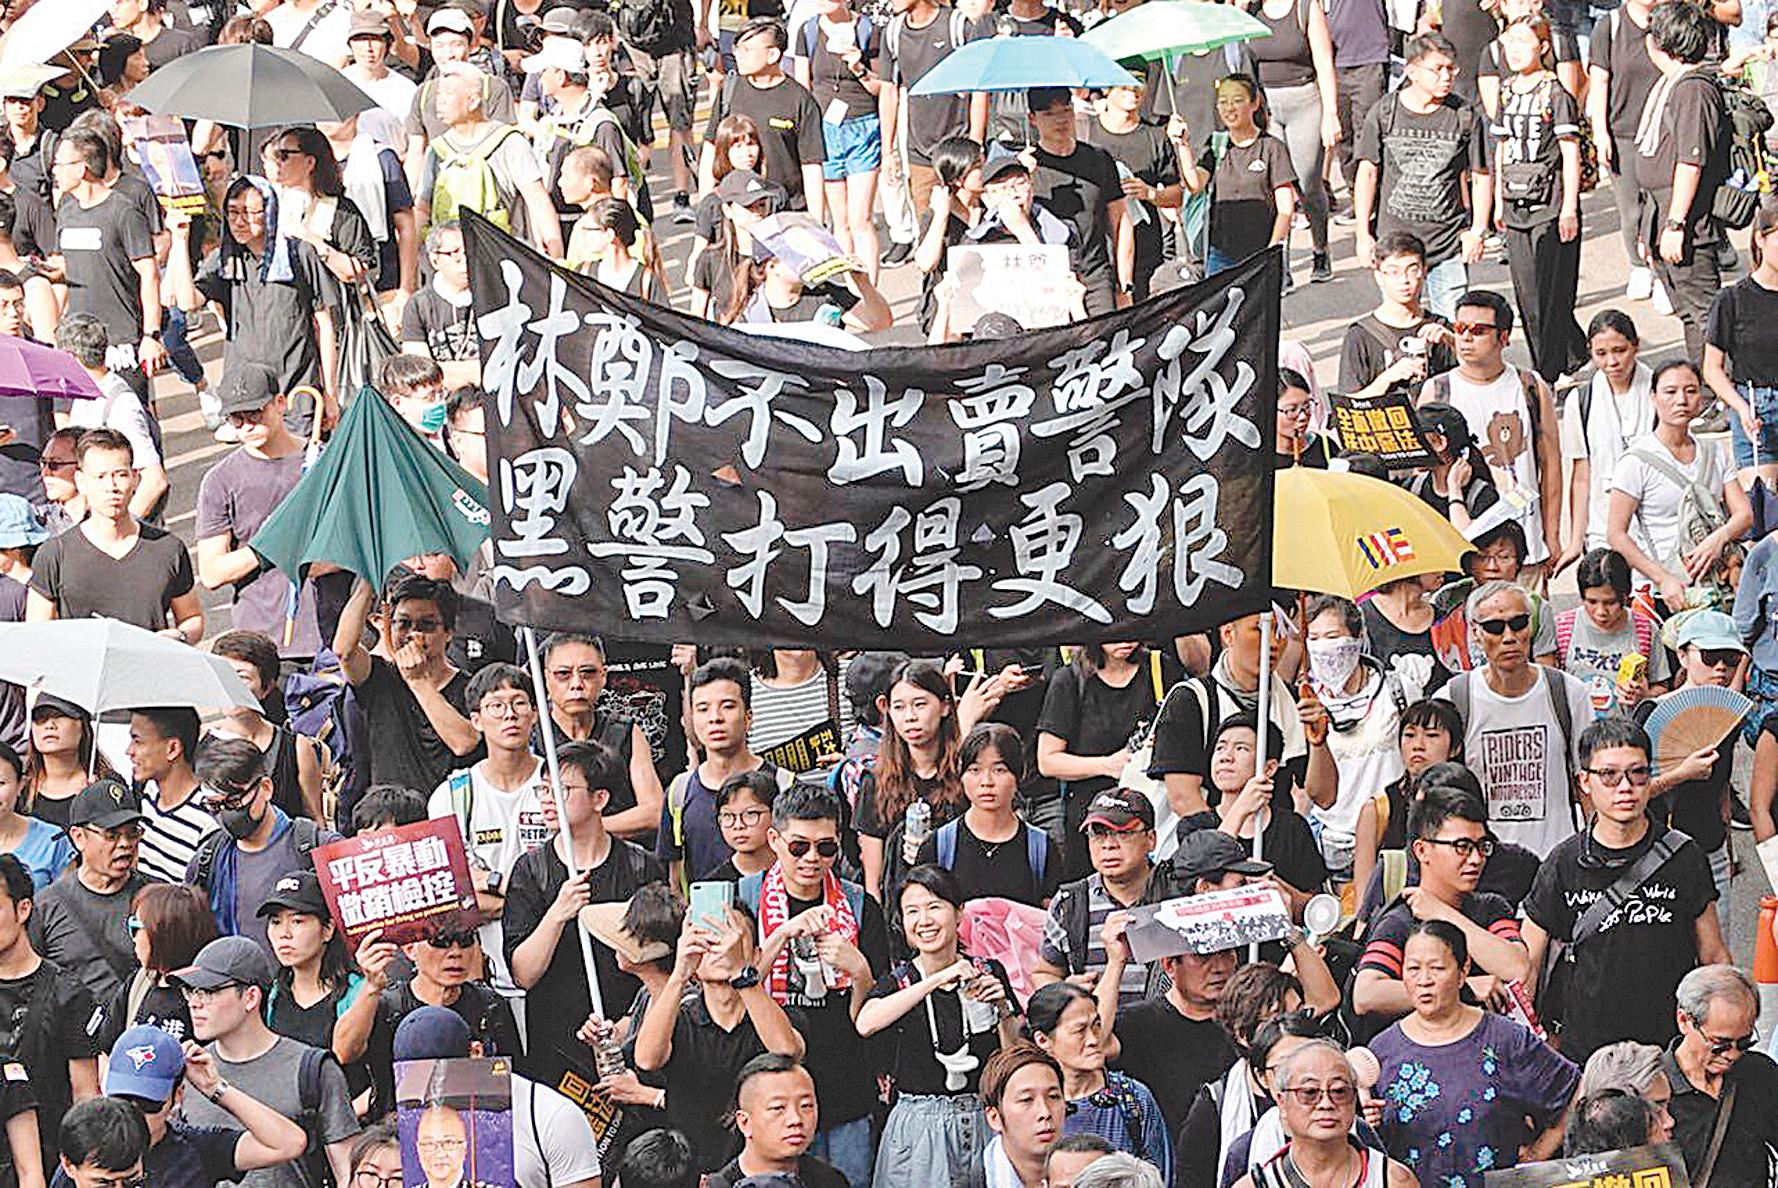 有市民舉起「林鄭不出賣警隊 黑警打得更狠」的橫額。(餘鋼/大紀元)